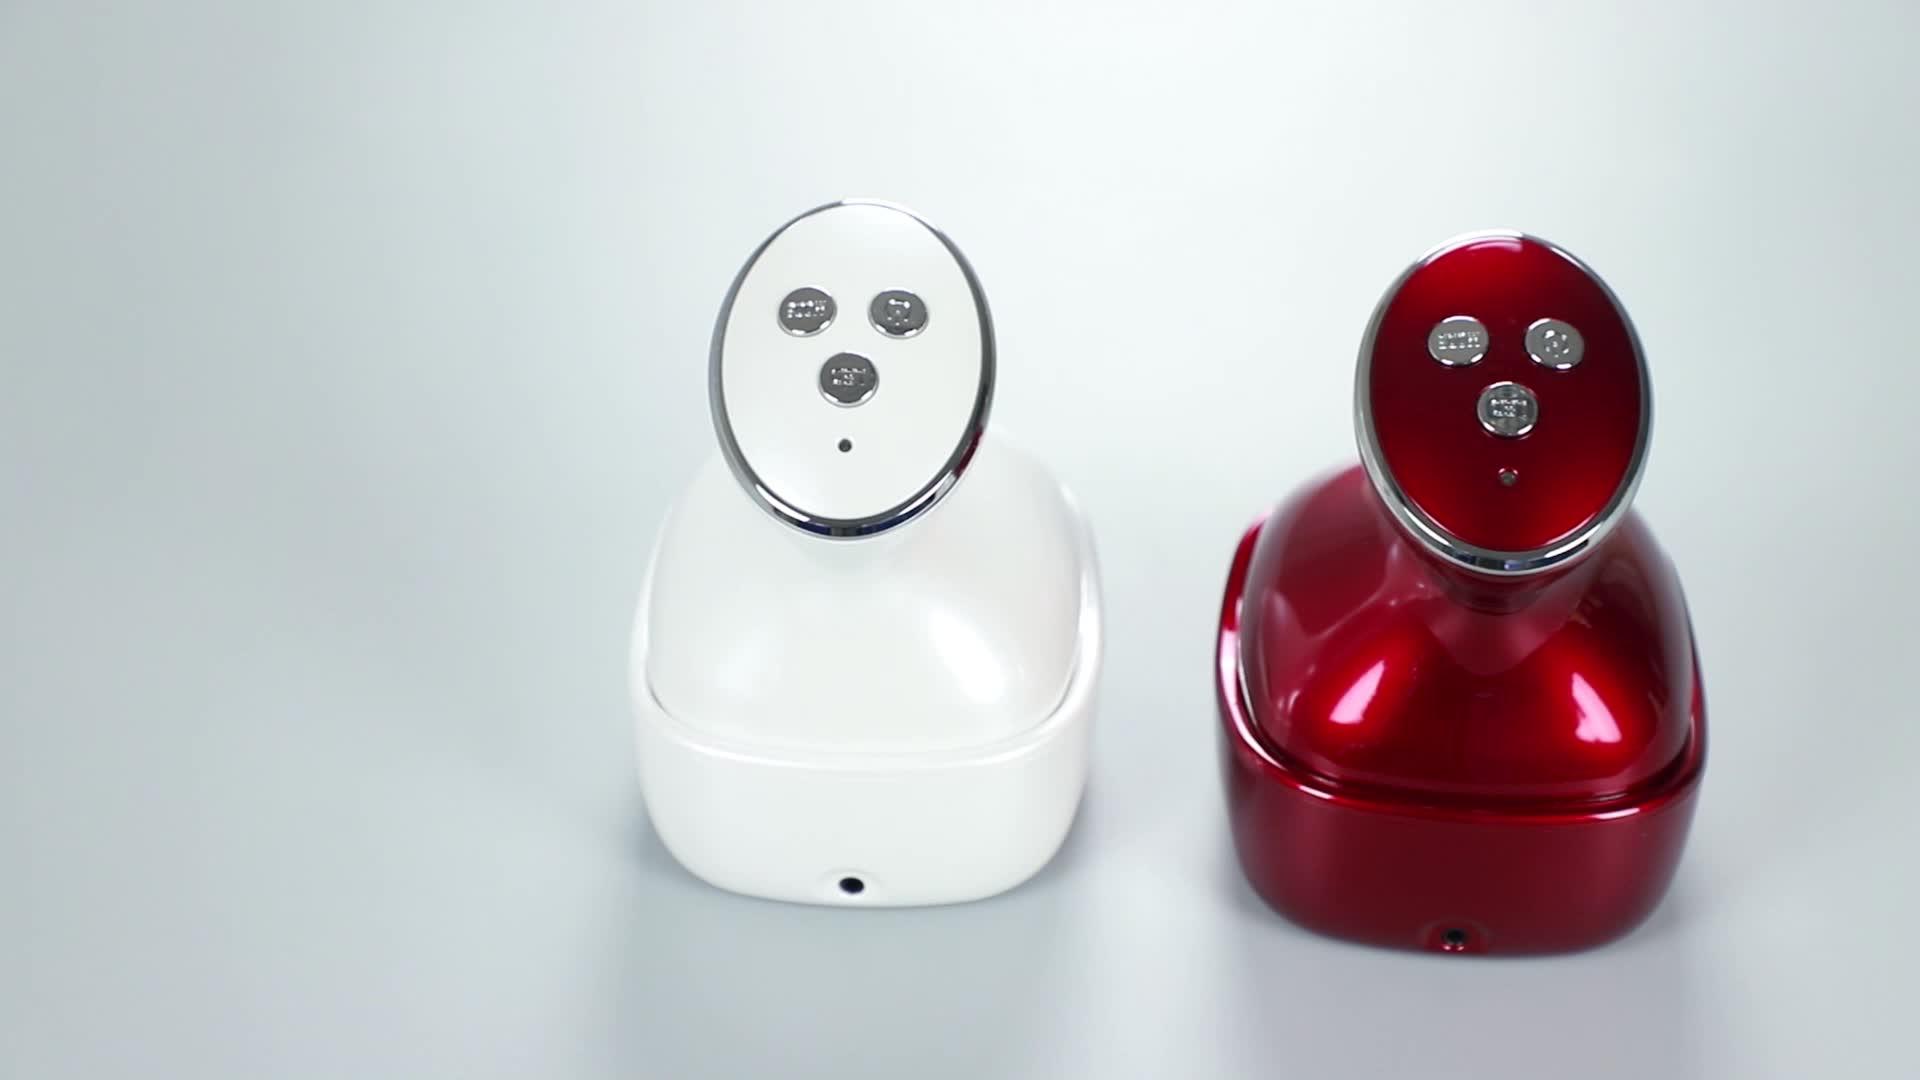 มินิไฟฟ้าหนังศีรษะนวดหัวนวดหัวอุปกรณ์ Massager Vibrator